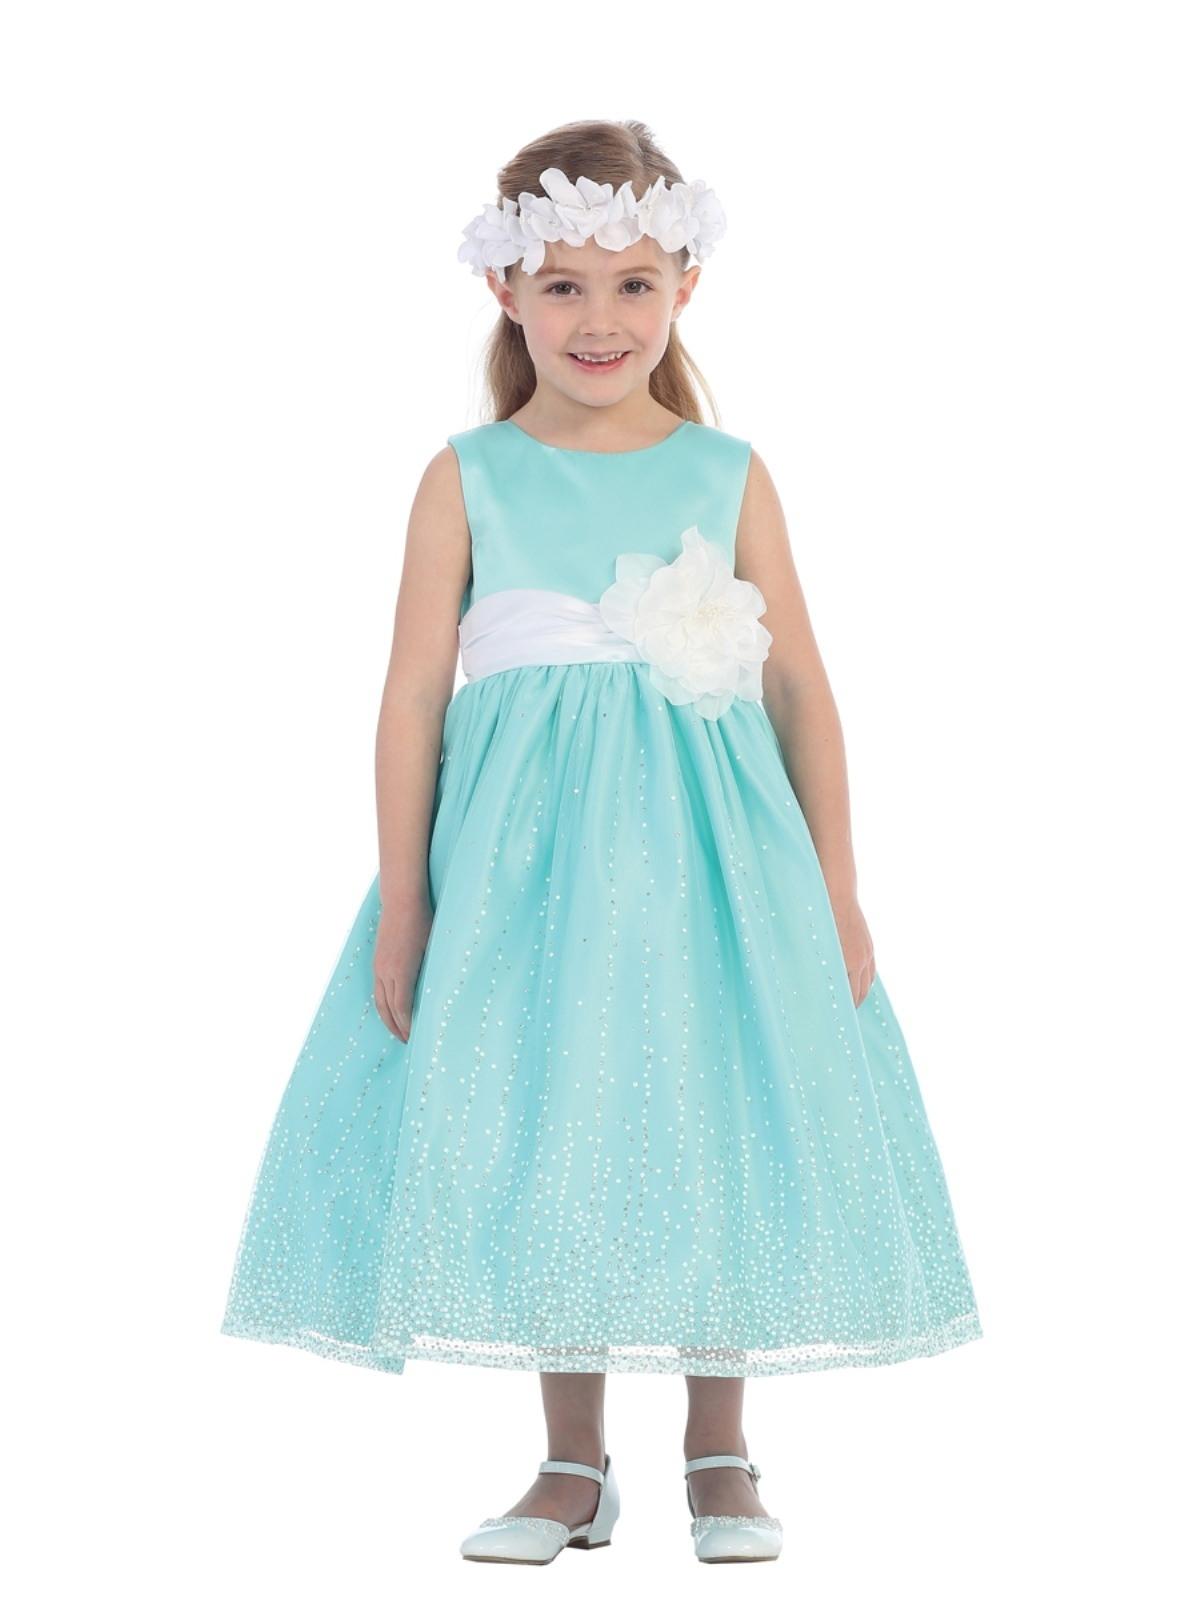 13 Cool Kleid Für Hochzeit Grün BoutiqueDesigner Ausgezeichnet Kleid Für Hochzeit Grün für 2019